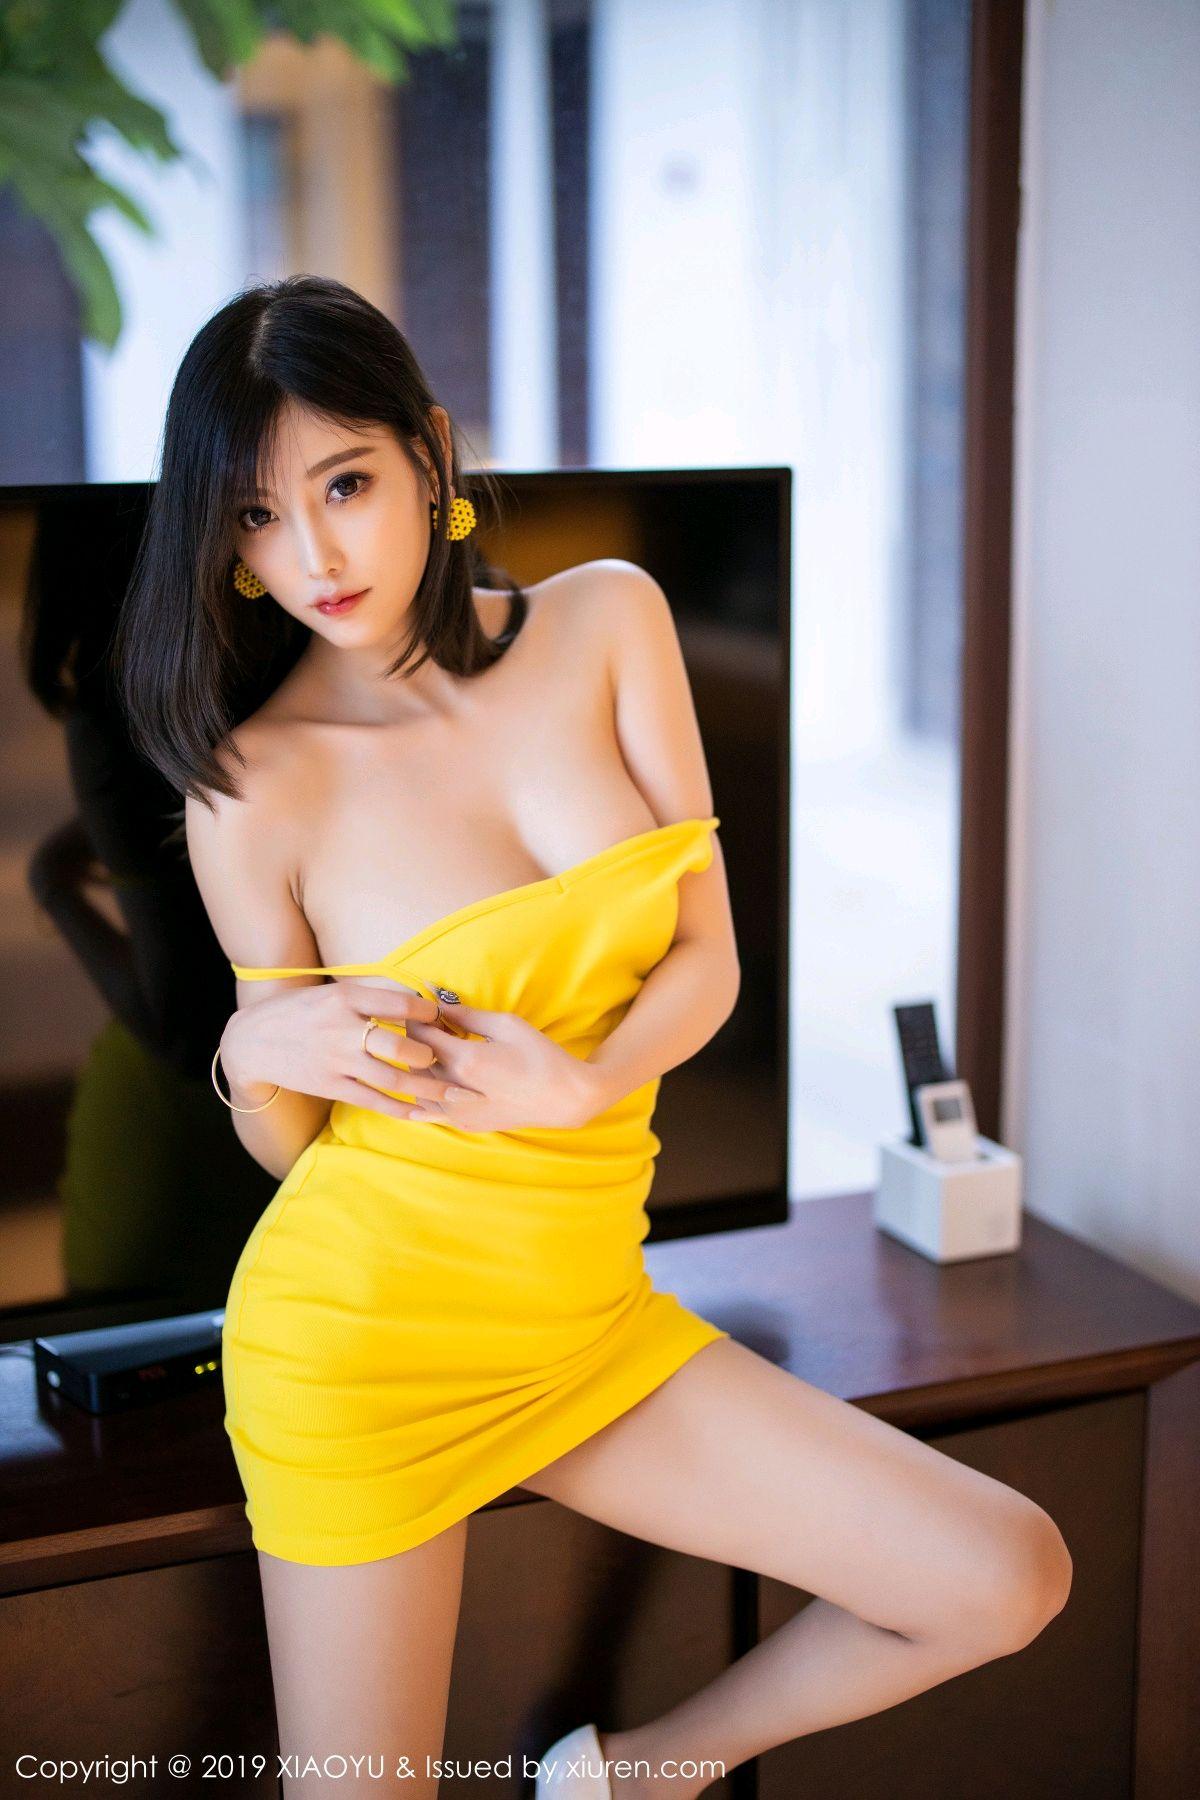 [XiaoYu] VOL.204 Yang Chen Chen 27P, Pure, XiaoYu, Yang Chen Chen